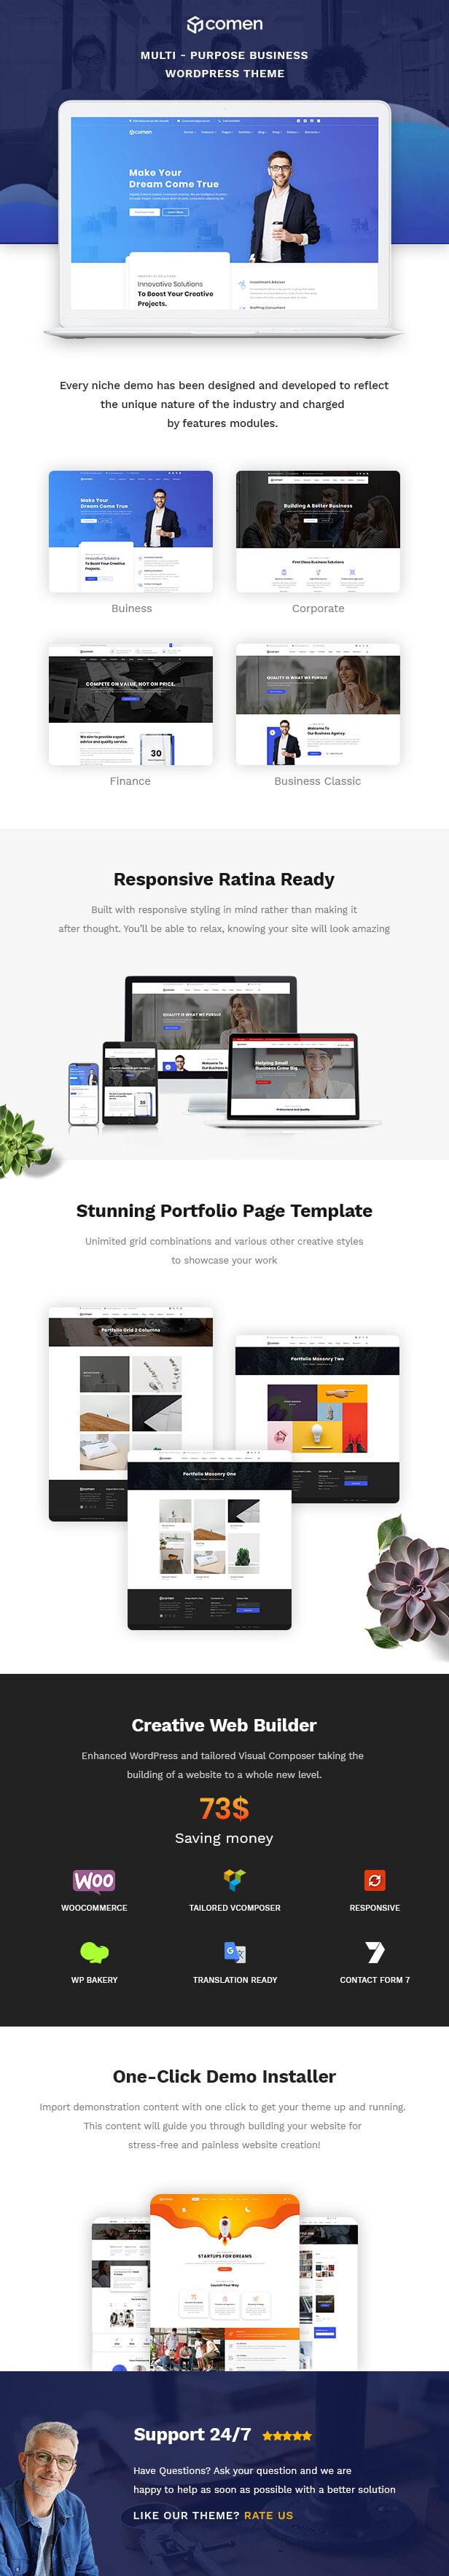 Comen | Multi-purpose Business WordPress Theme - 1